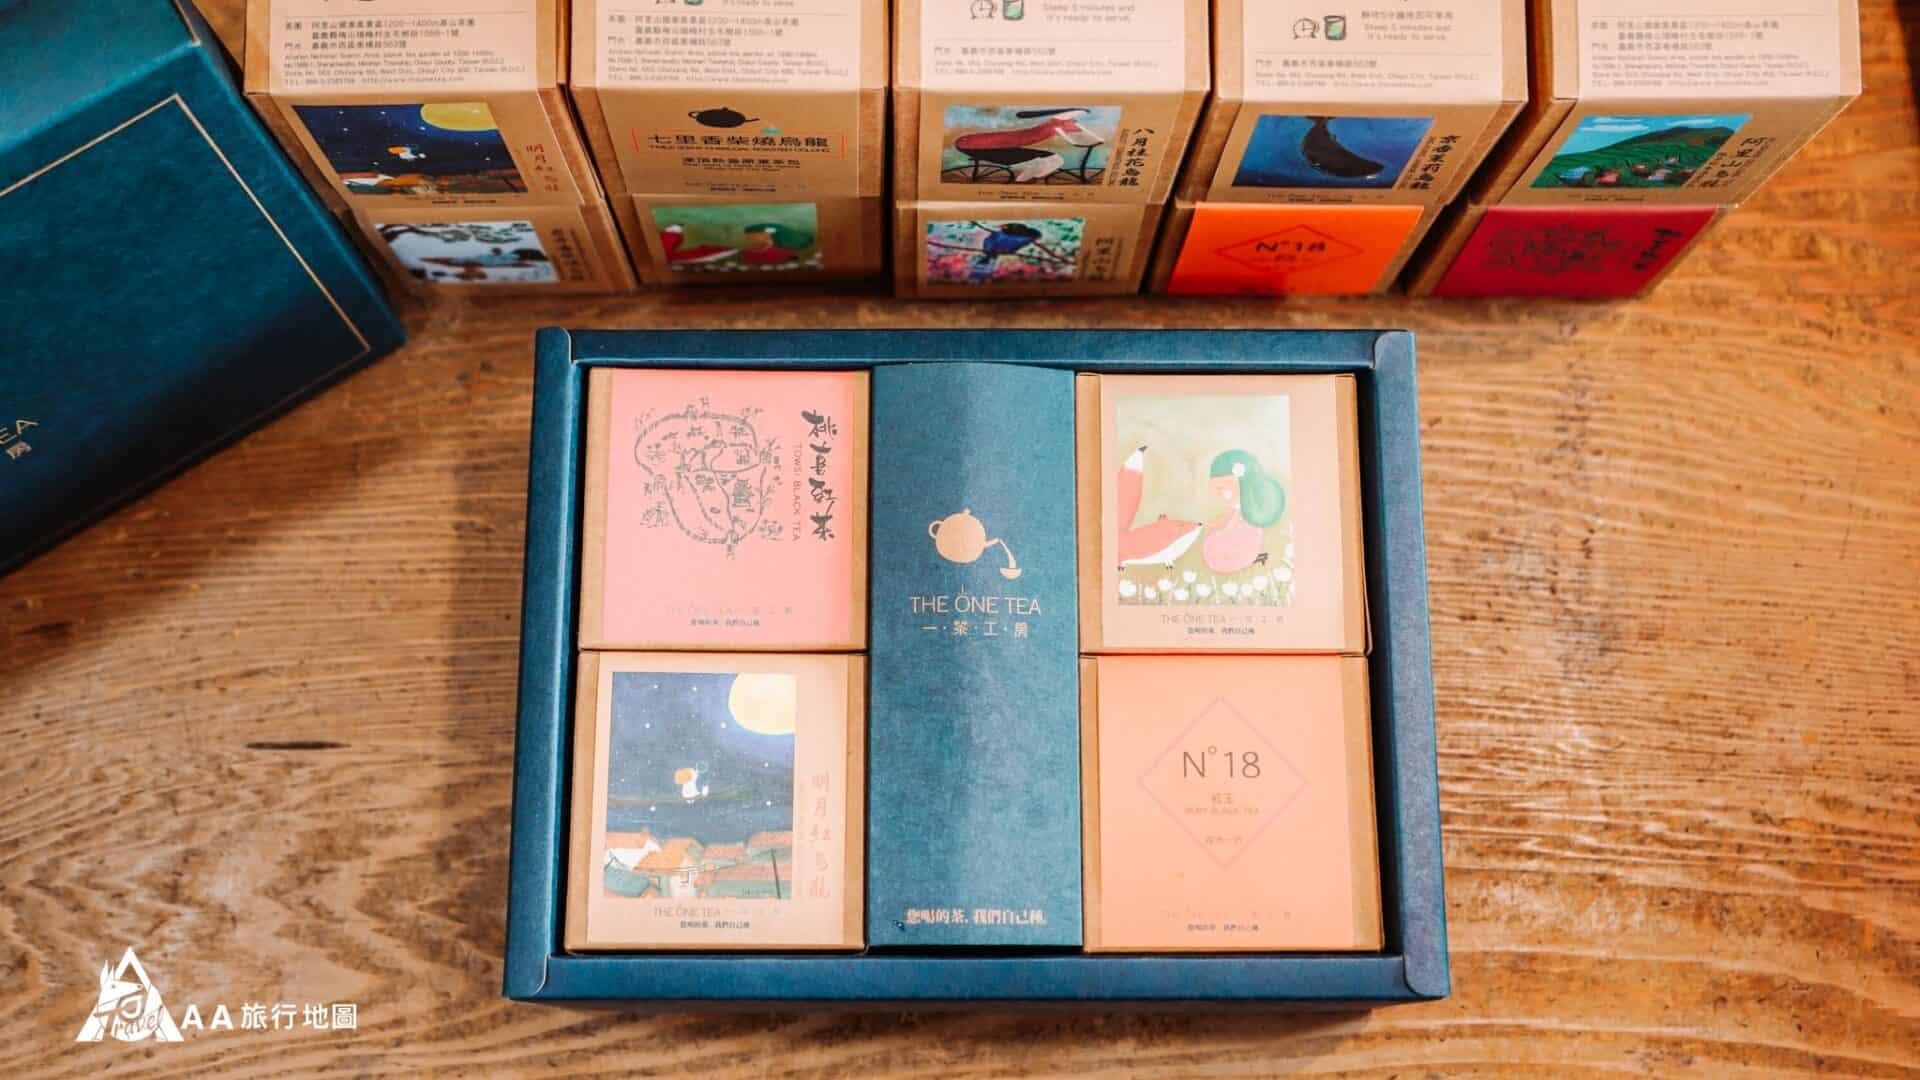 如果想一次體驗不同風味的也可以考慮小包裝,禮盒有分2盒或是4盒入的(一盒 $190 元,任選三盒 $500 元,四入禮盒 + 盒子 $699元)